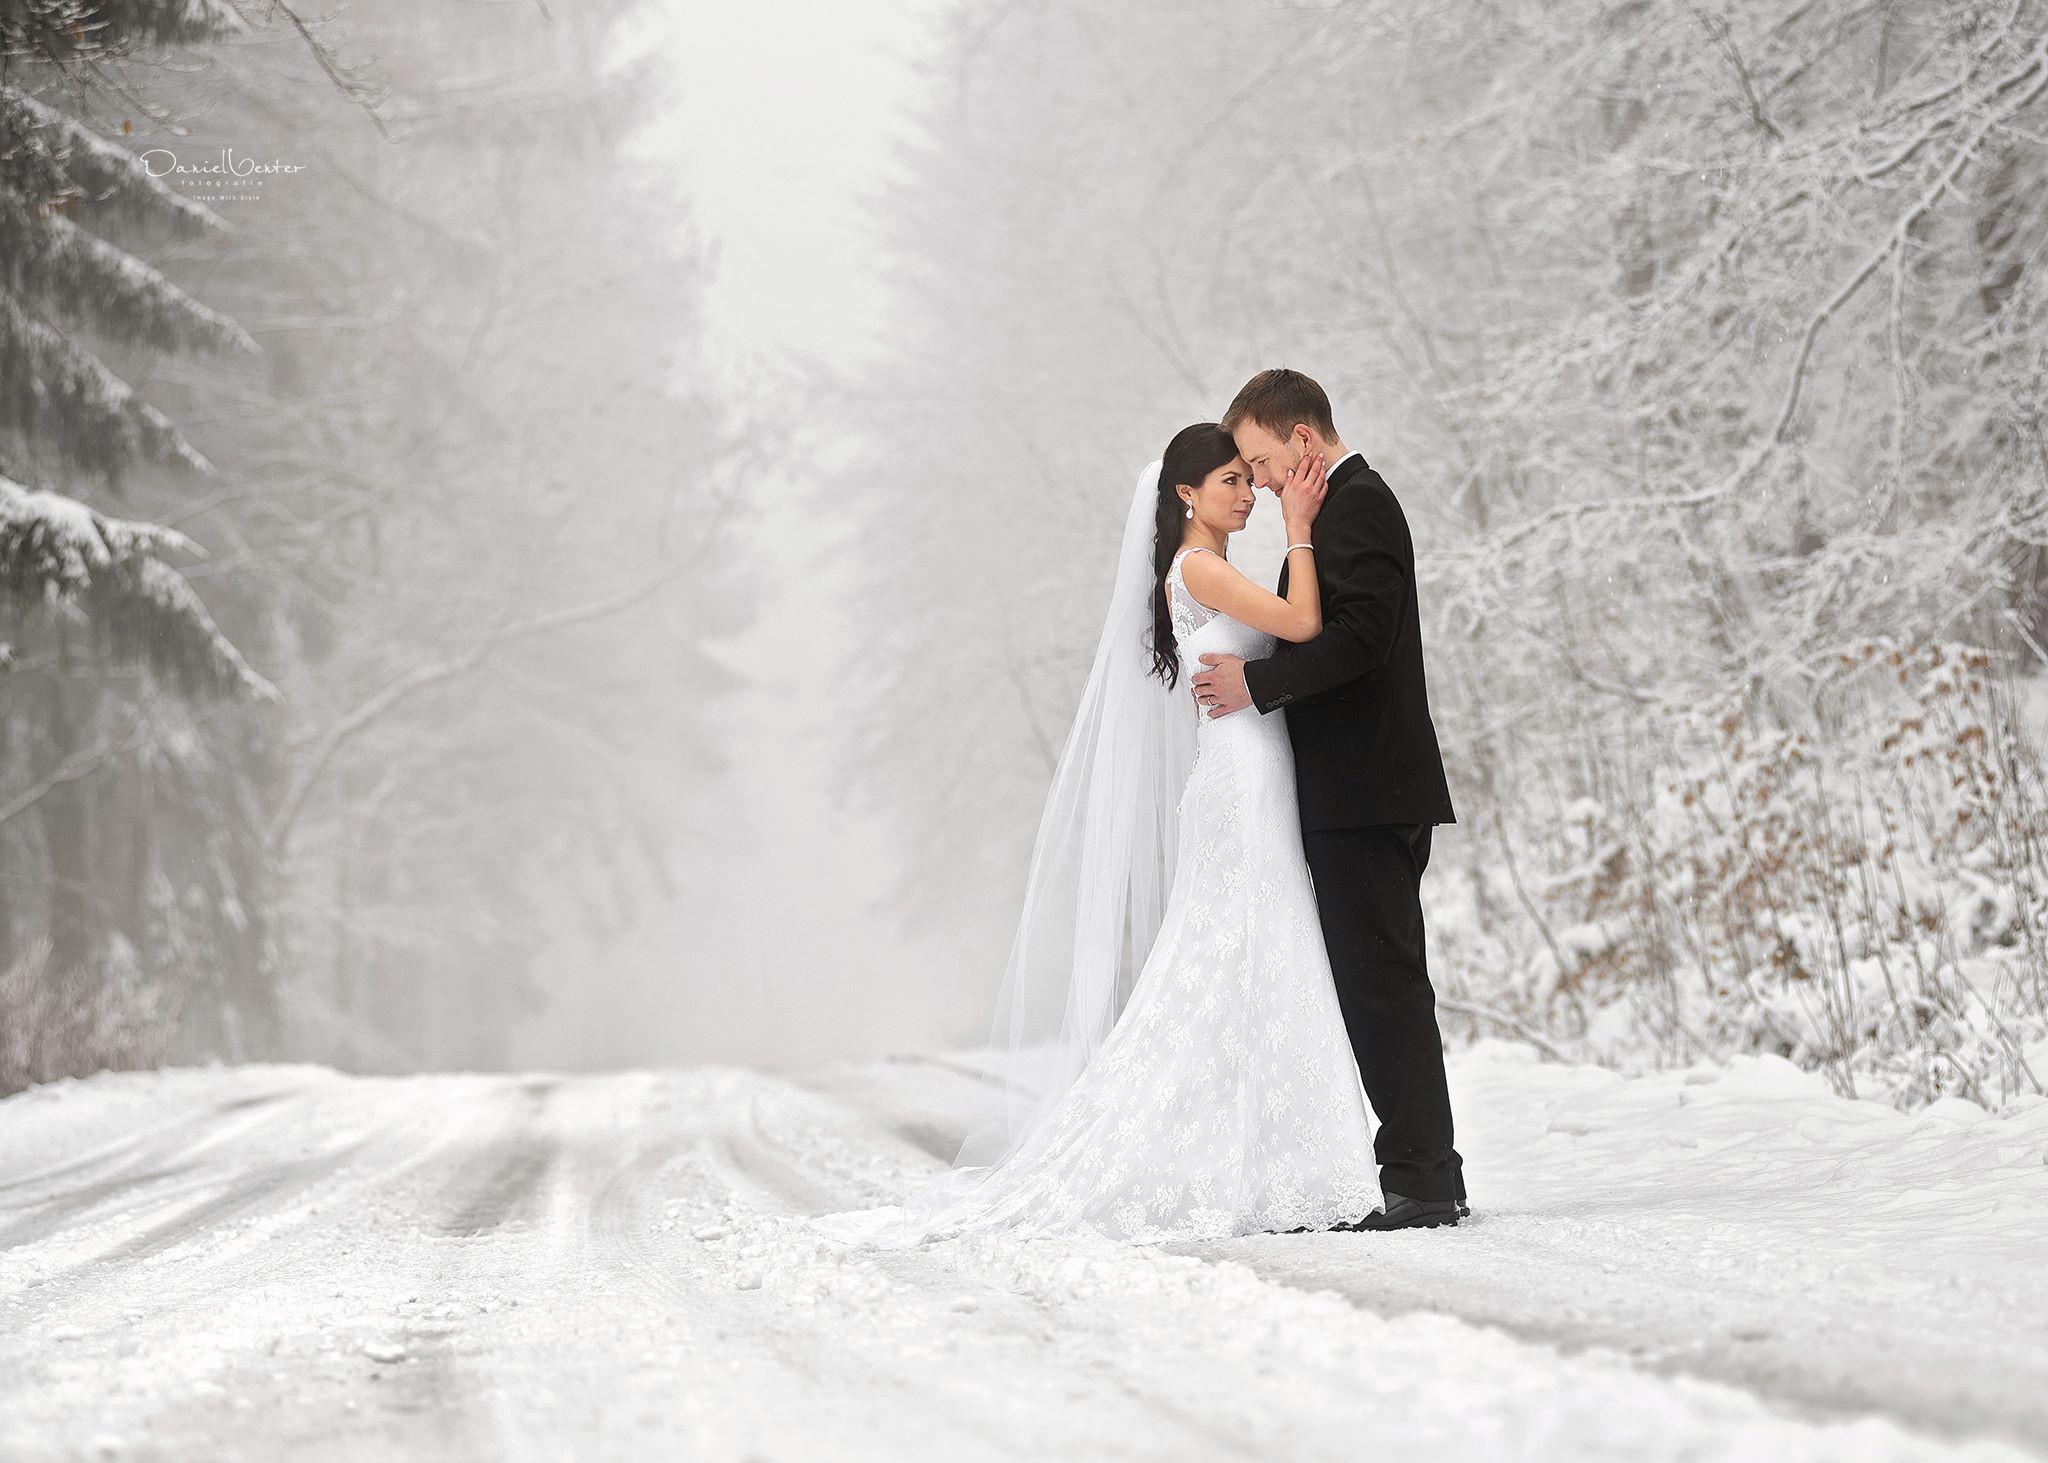 Hintergrundbilder : Schnee, Winter, Straße, Kleid, Passt ...